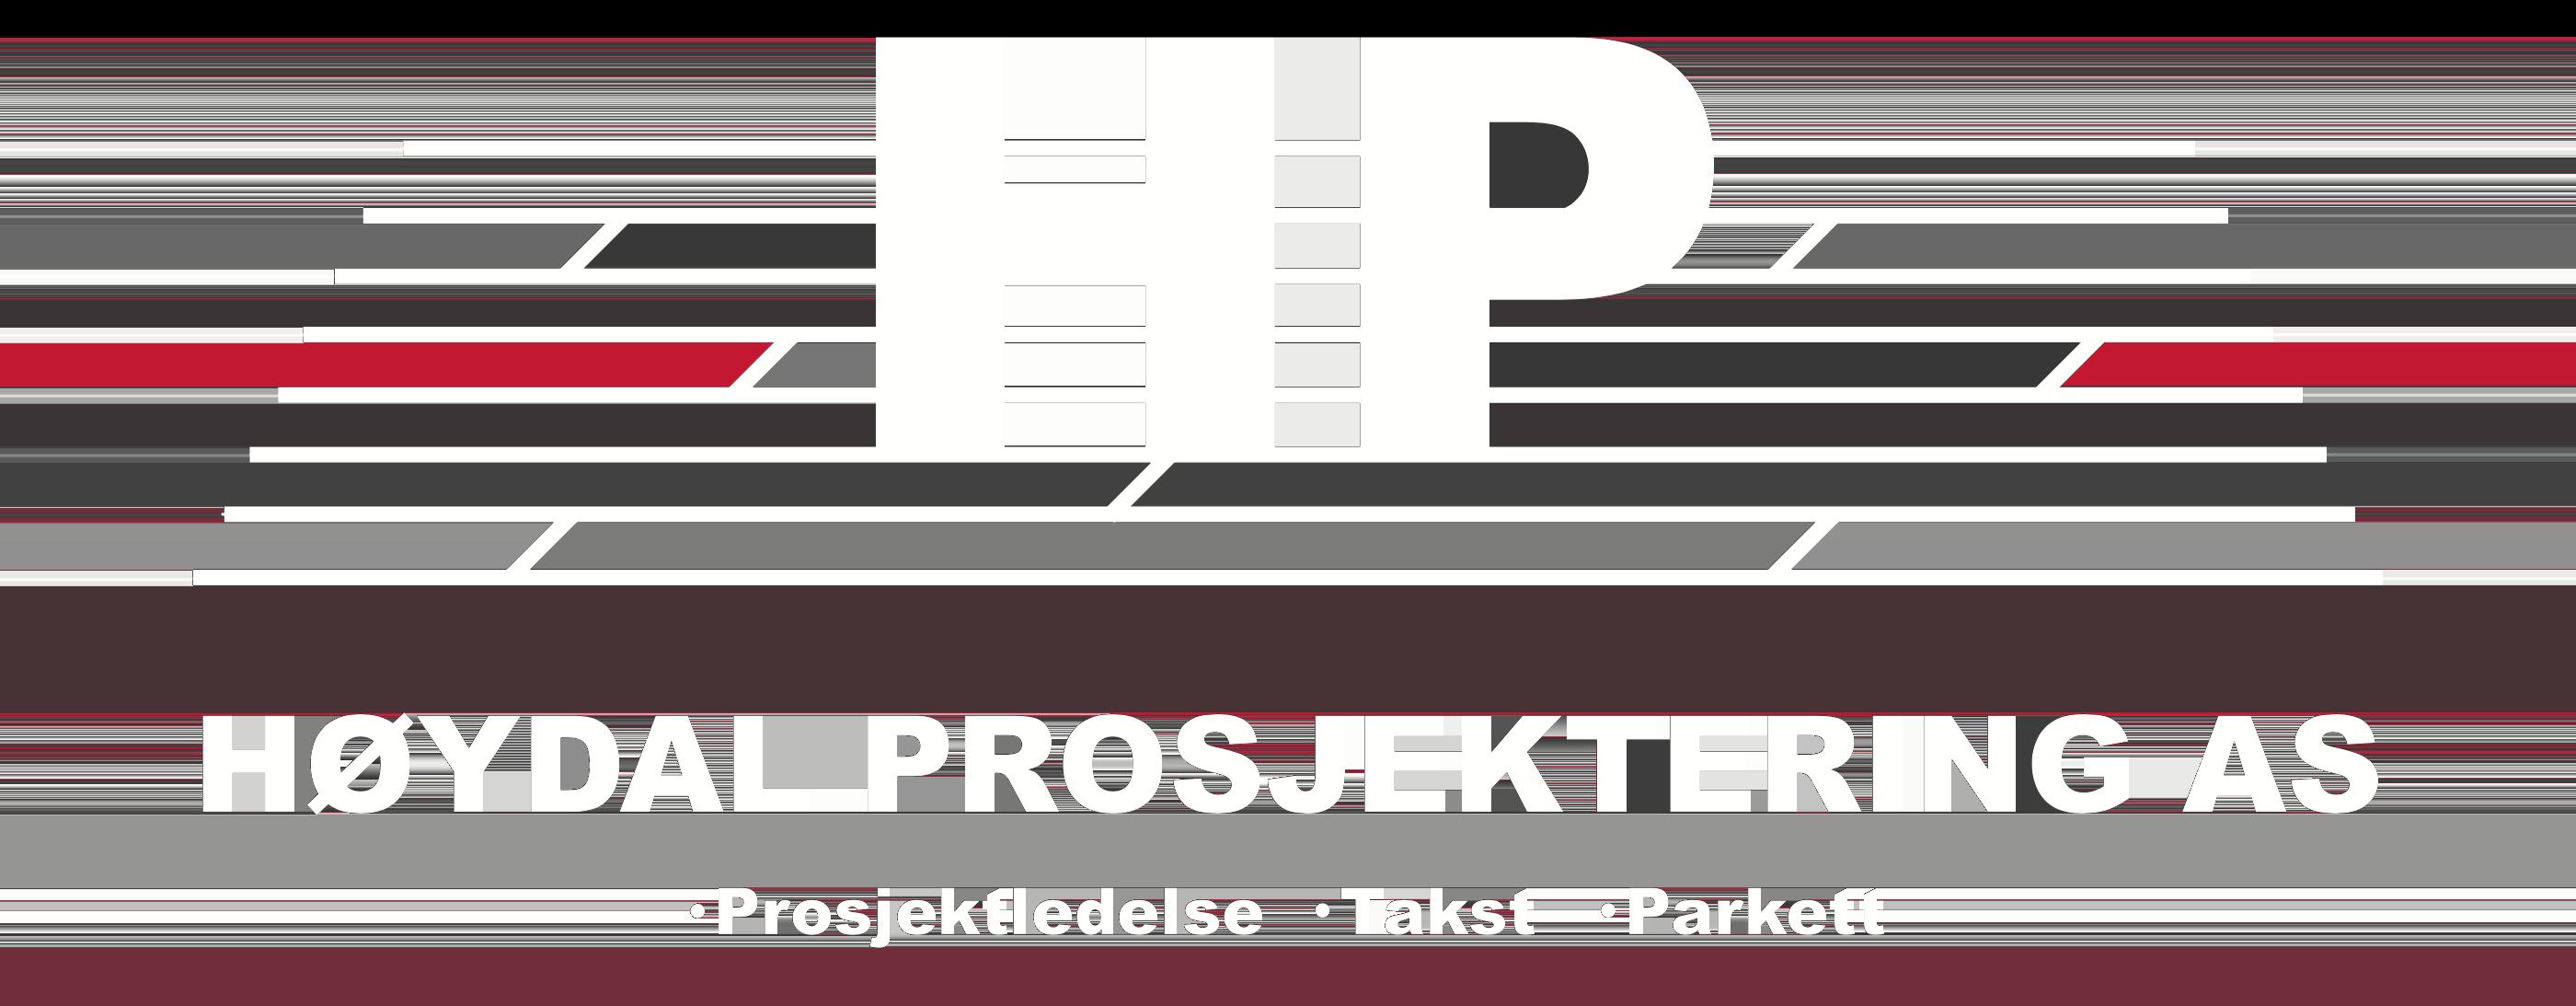 Høydal Prosjektering